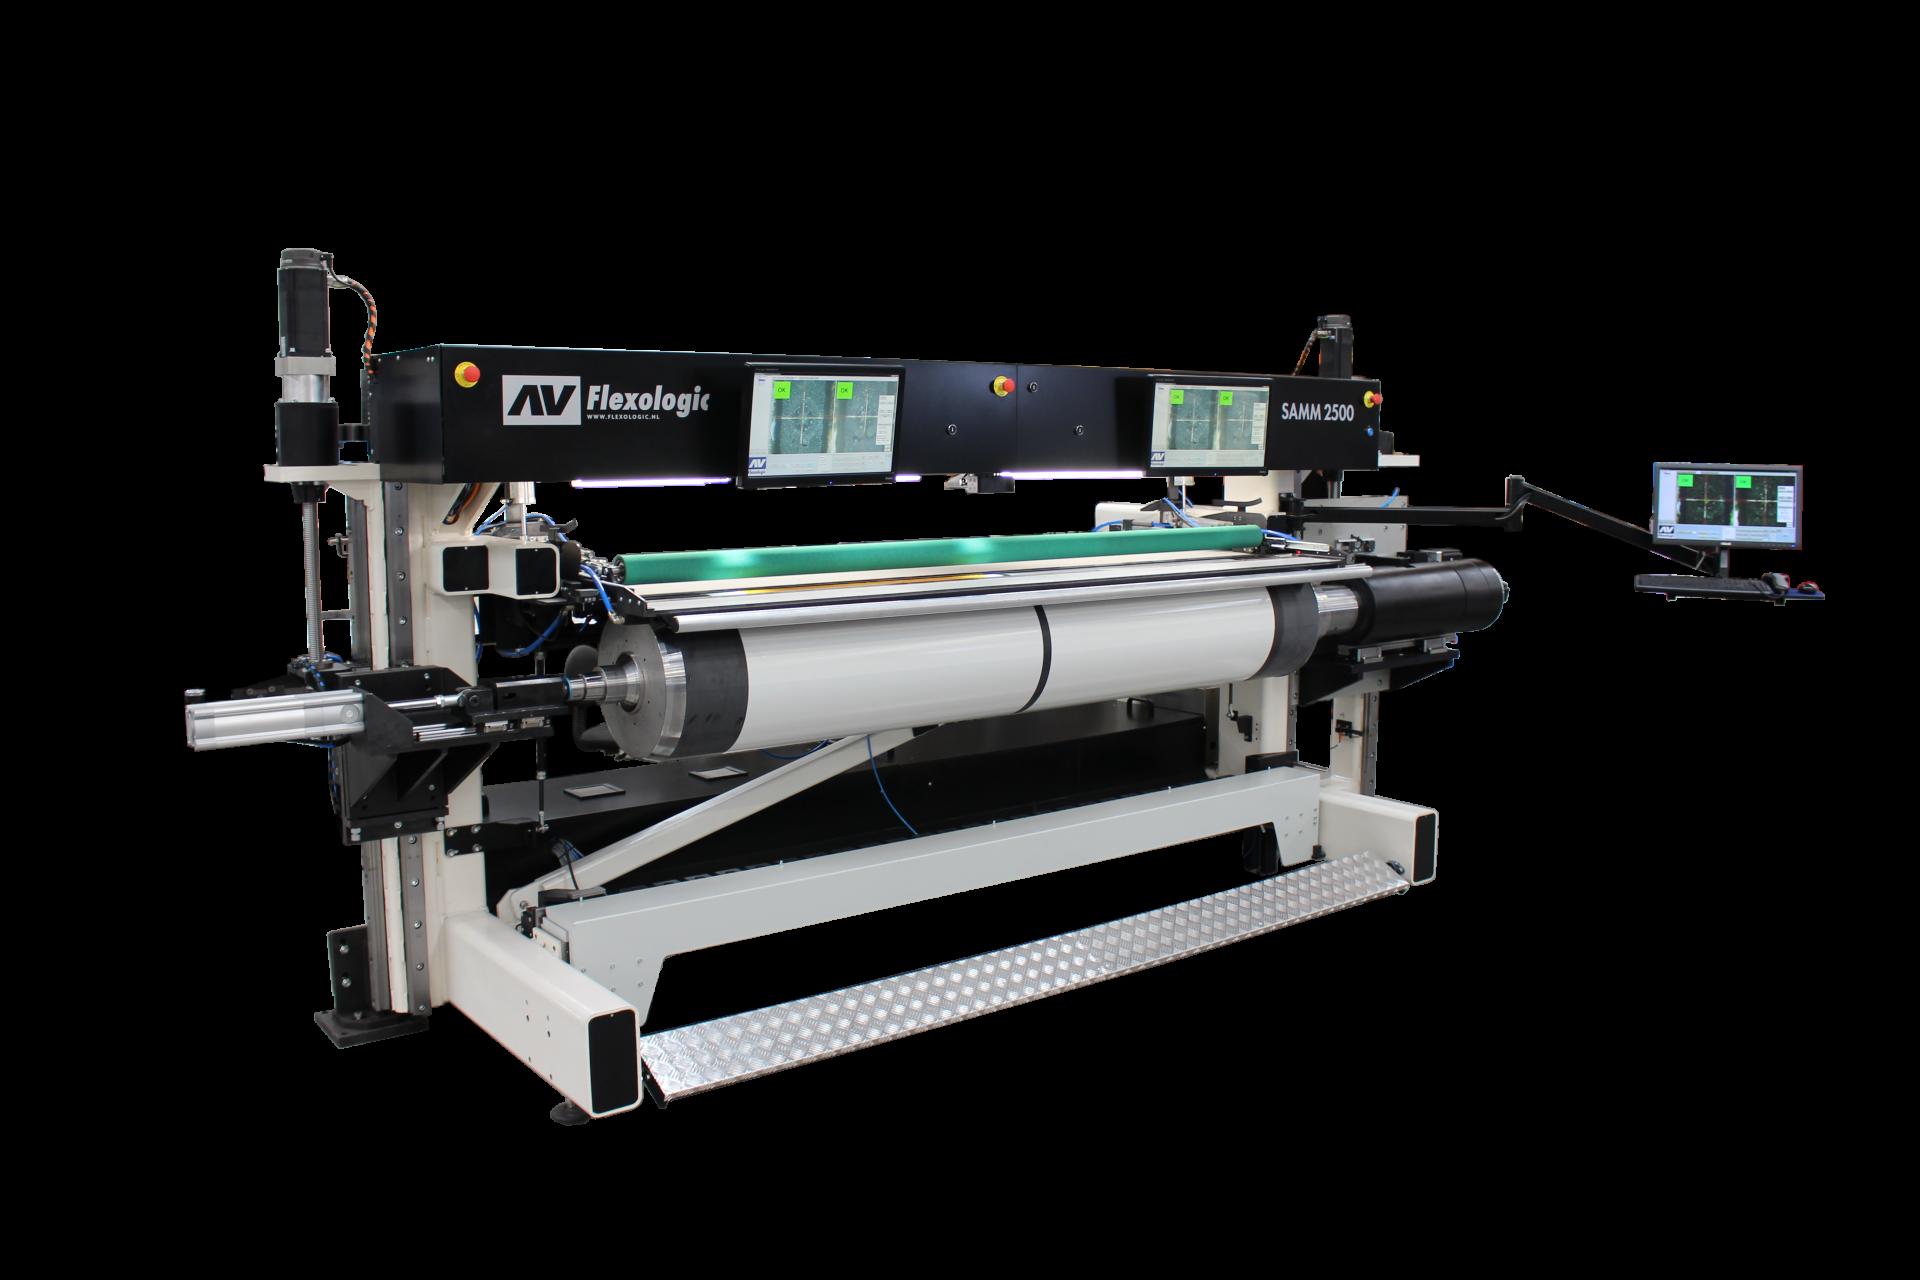 samm 2500 preprint-AV Flexologic/Color Control Group